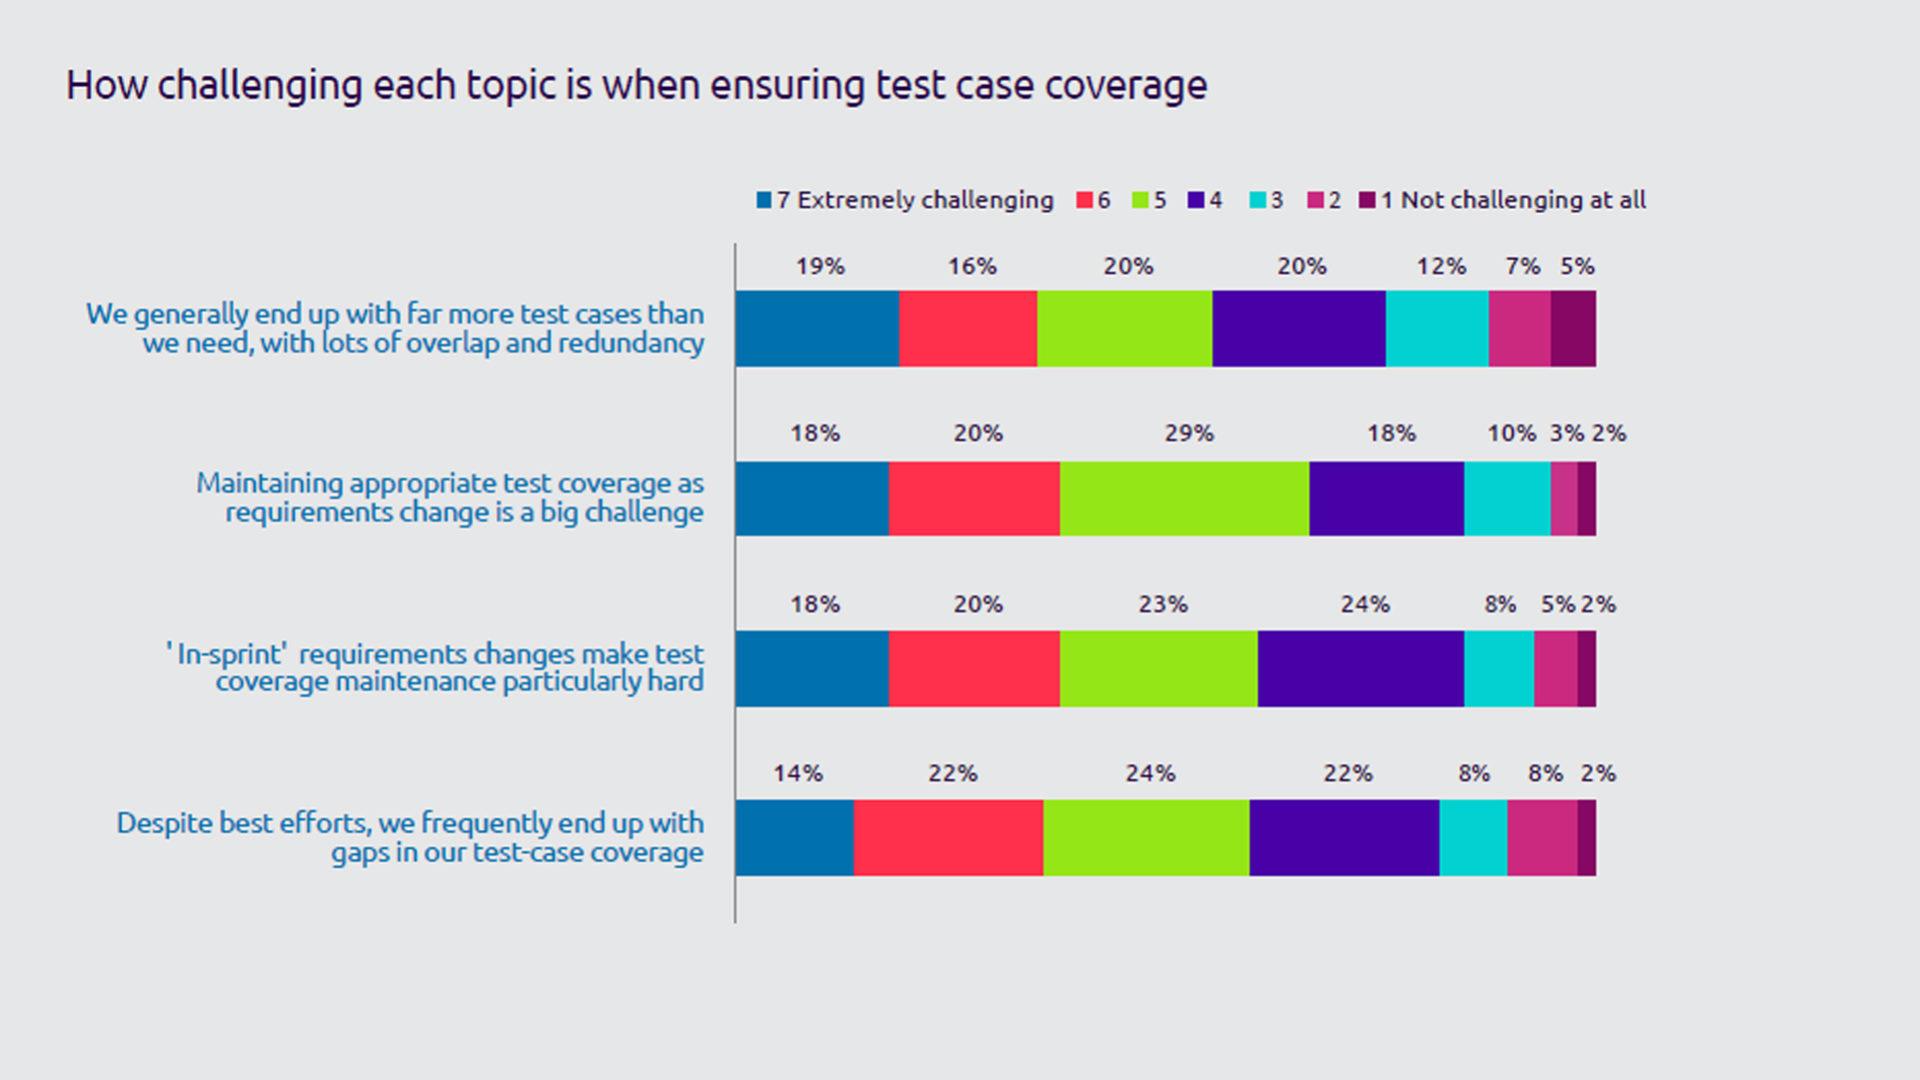 Figura 2 - Le principali difficoltà nel mantenere un'adeguata copertura dei test case. Fonte: Continuous Testing Report 2019 - Capgemini